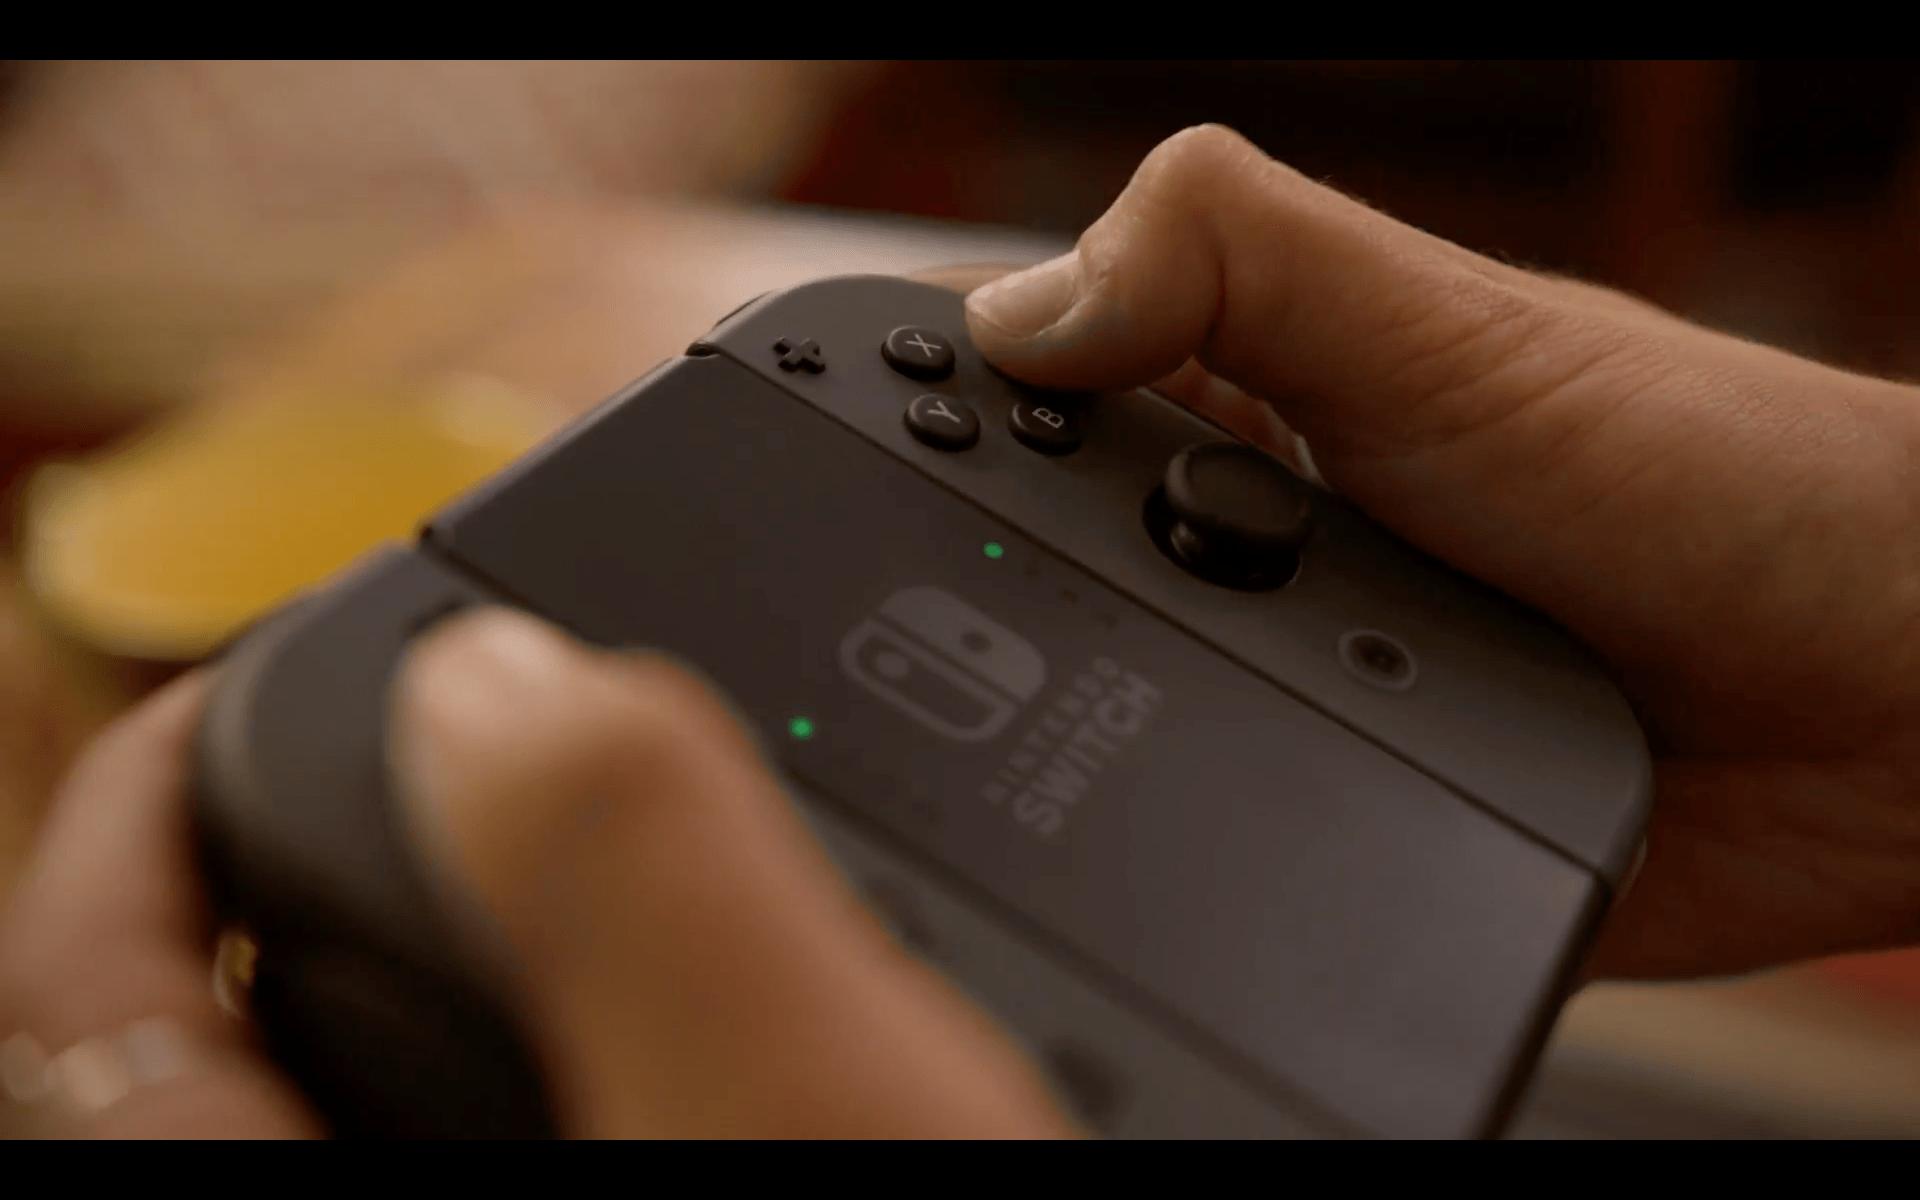 Selon Game Freak, l'avenir de Pokémon c'est la Nintendo Switch